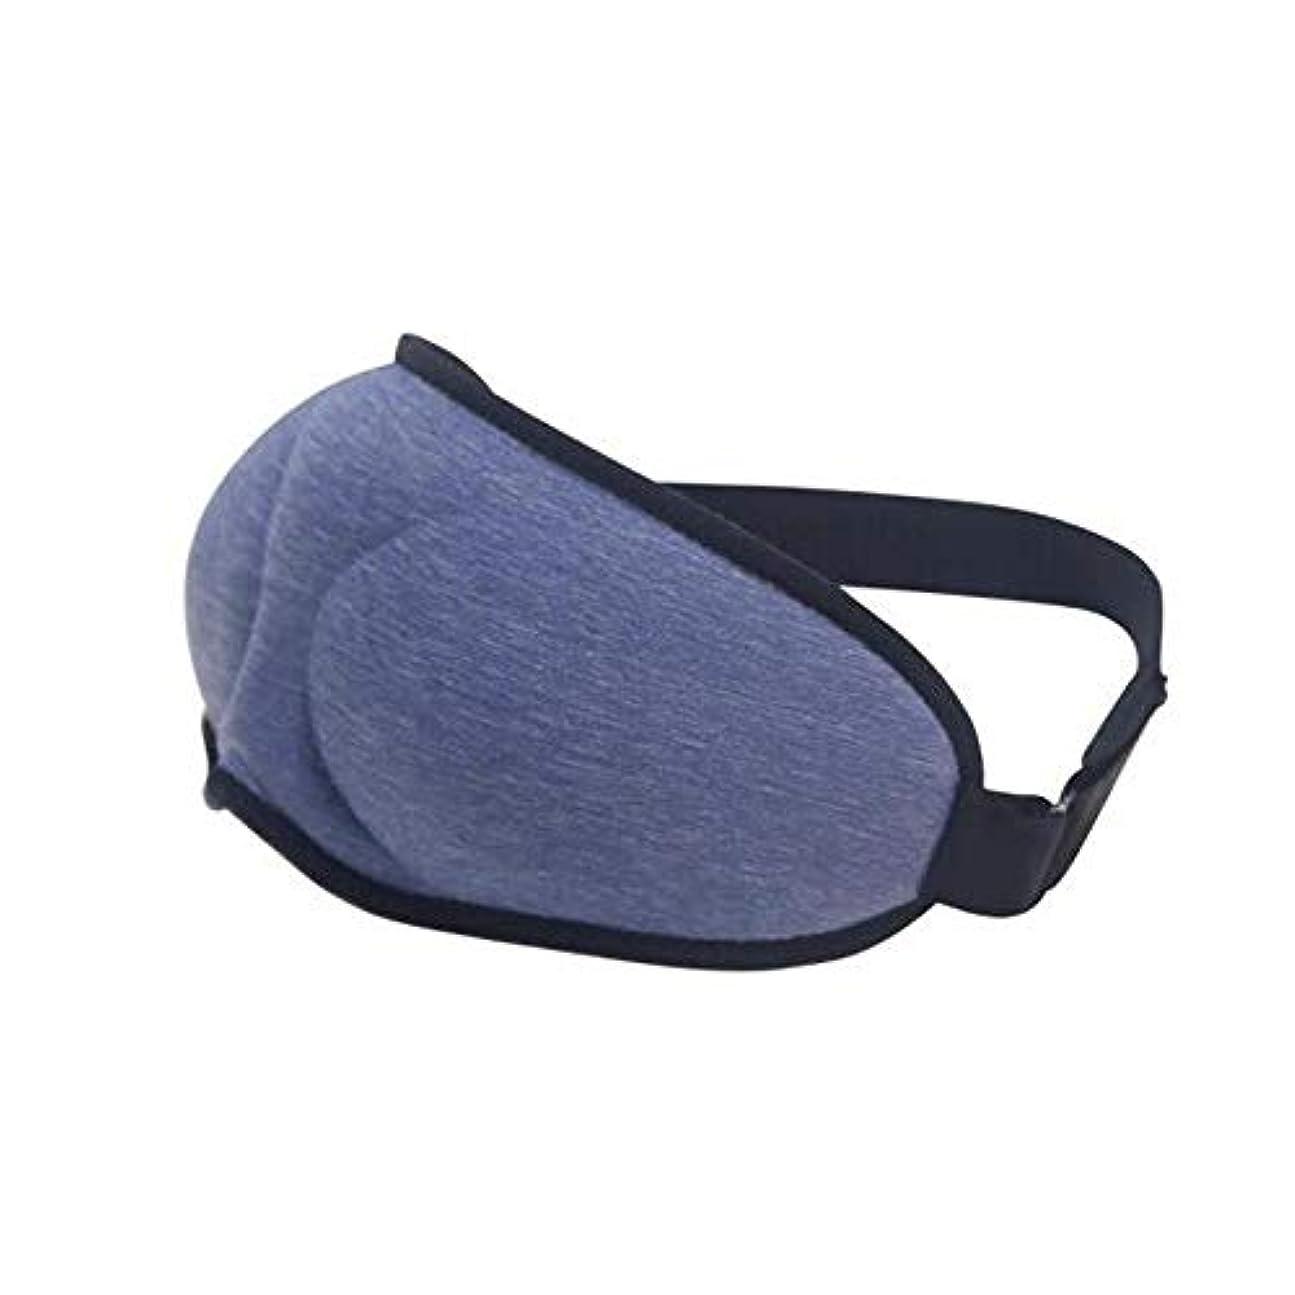 僕の二キノコHUICHEN 男性と女性の睡眠ゴーグルゴーグル3Dシェーディングゴーグル調整可能な耳用ゴーグルは、昼寝を旅行します (Color : Gray)